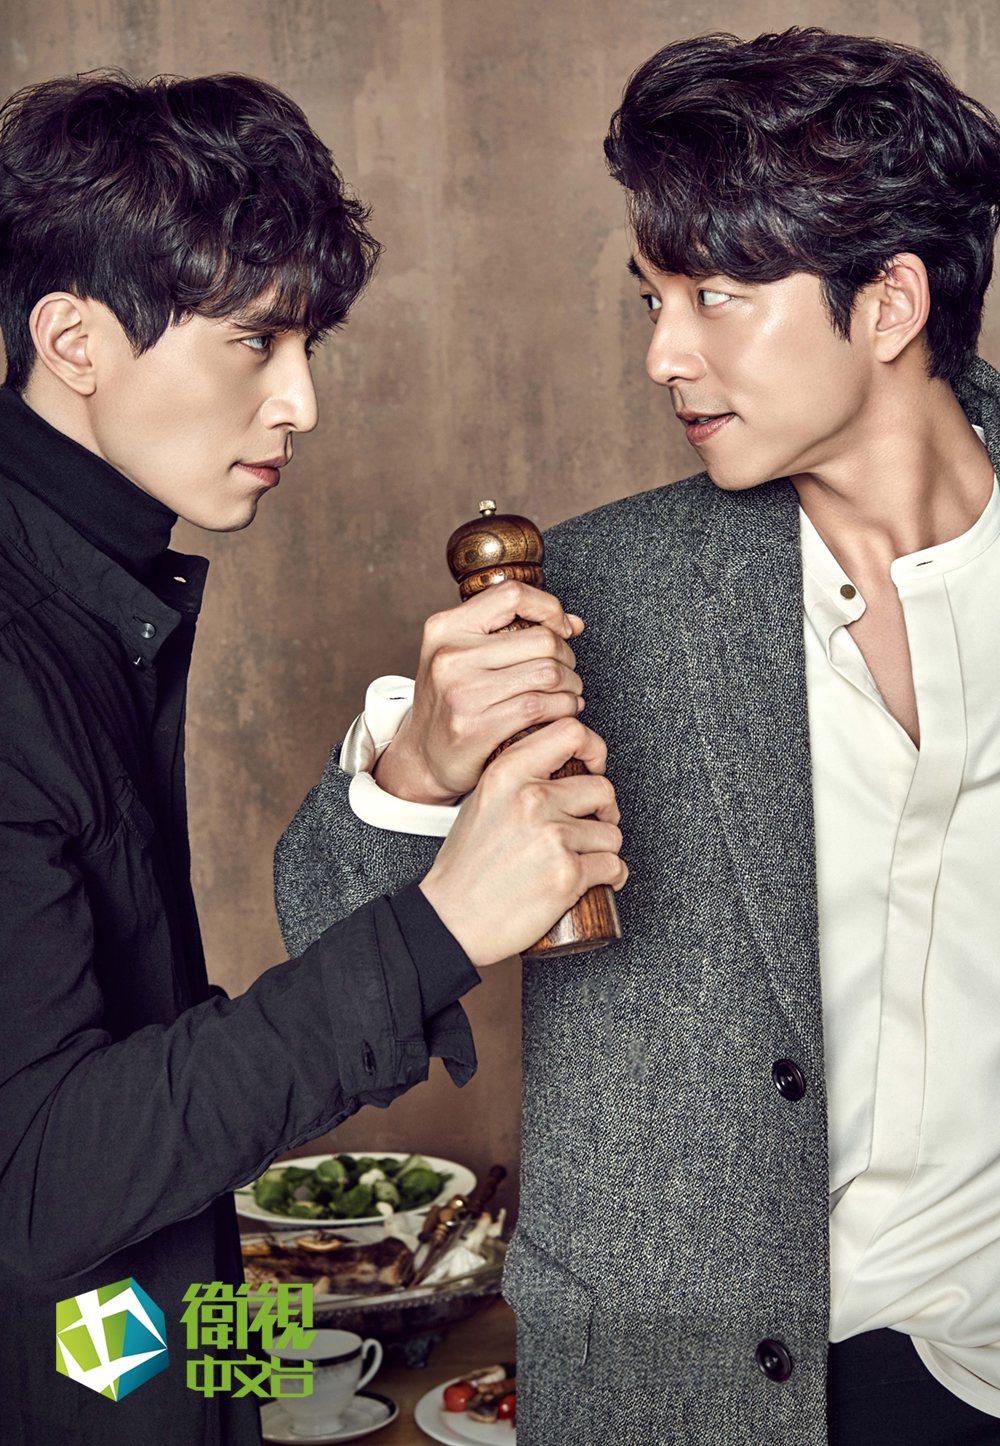 韓國熱門戲劇「燦爛的守護神-鬼怪」即將在台播放。圖/台北喜來登提供